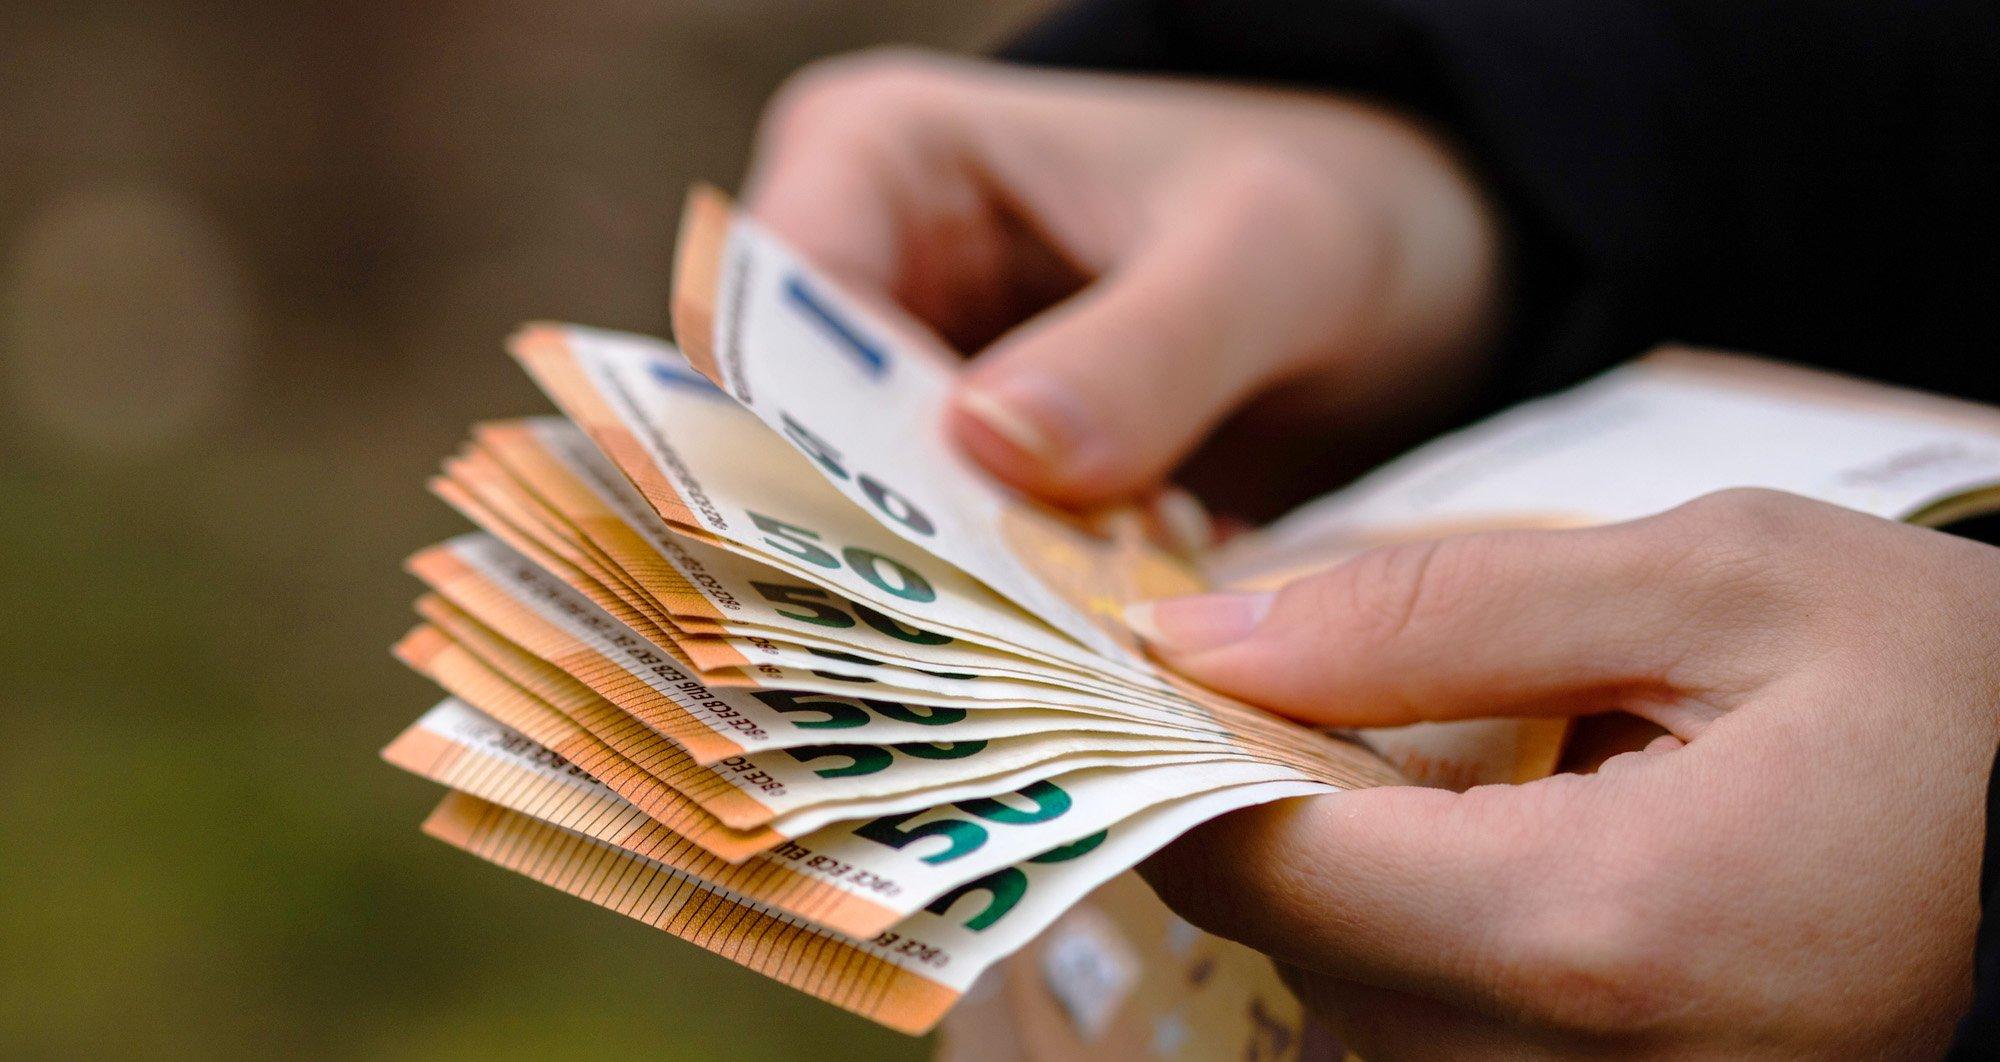 Geldwäsche und Korruption: EU setzt Limit bei Bargeldgeschäften